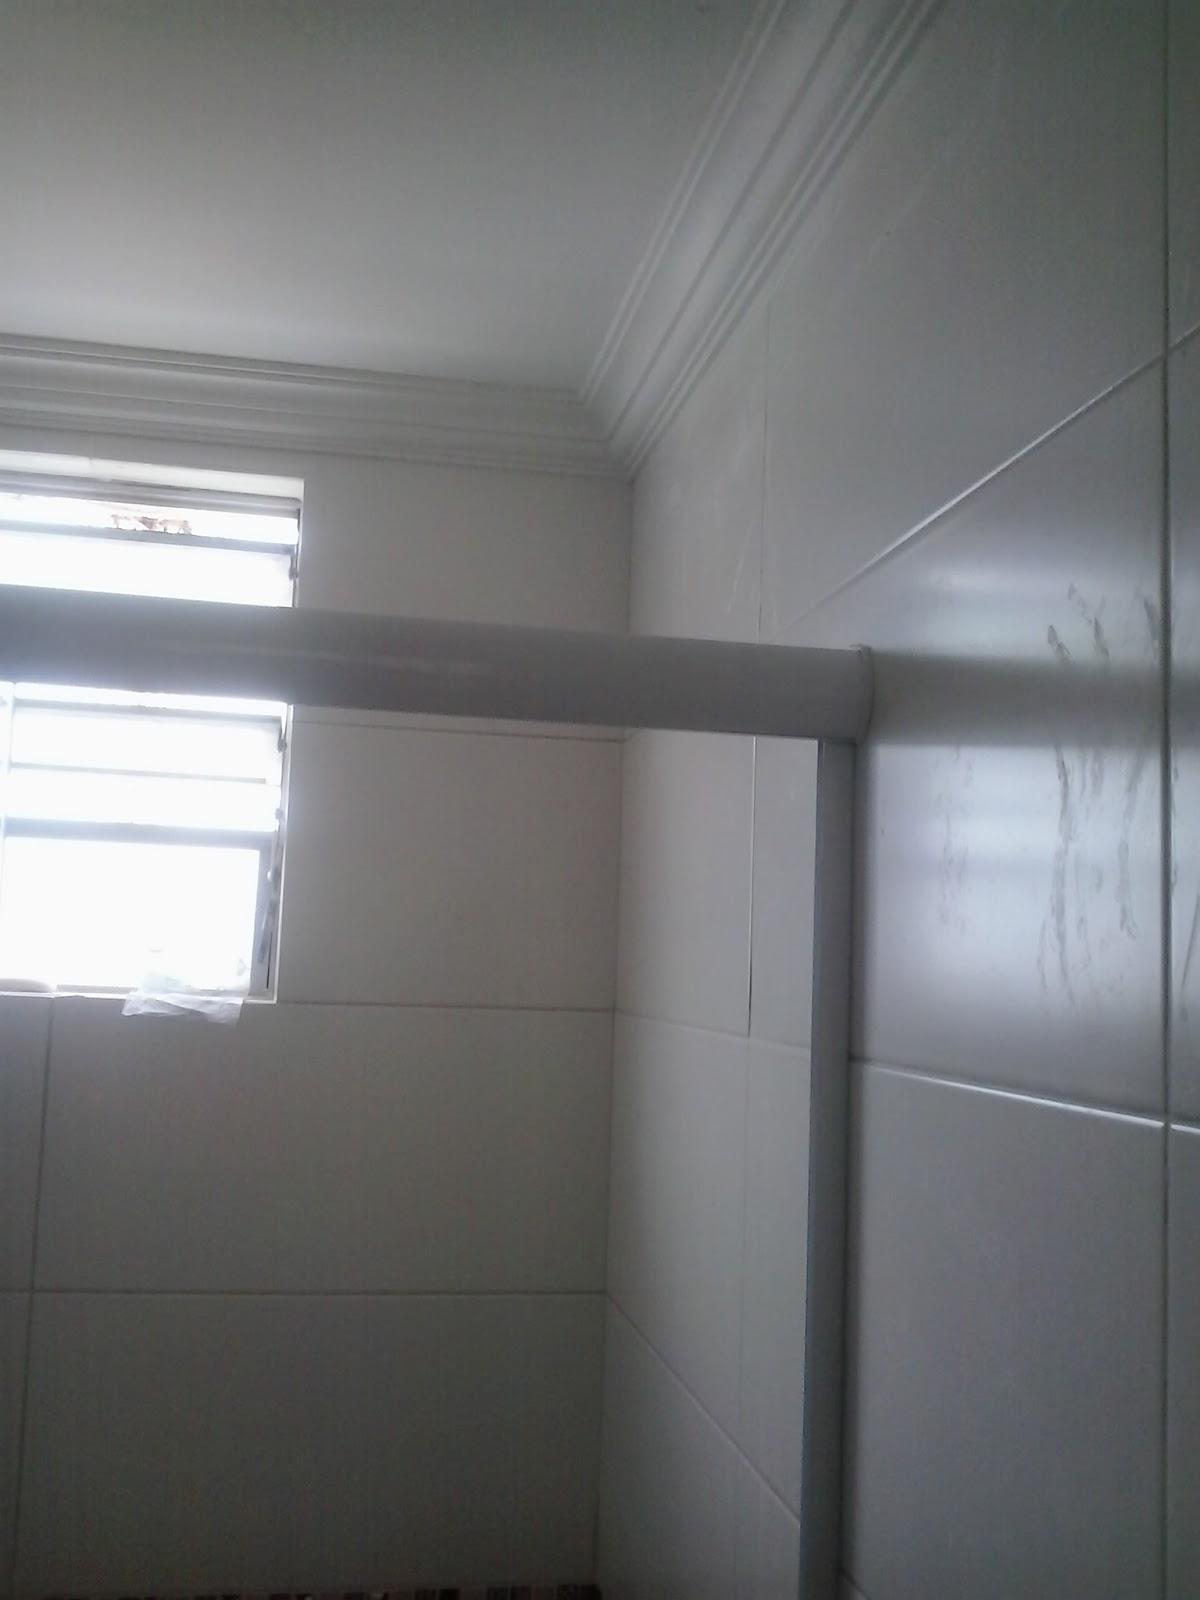 ! Nossas idéias e sugestões! : Transformação do banheiro #576474 1200x1600 Banheiro Com Janela No Teto